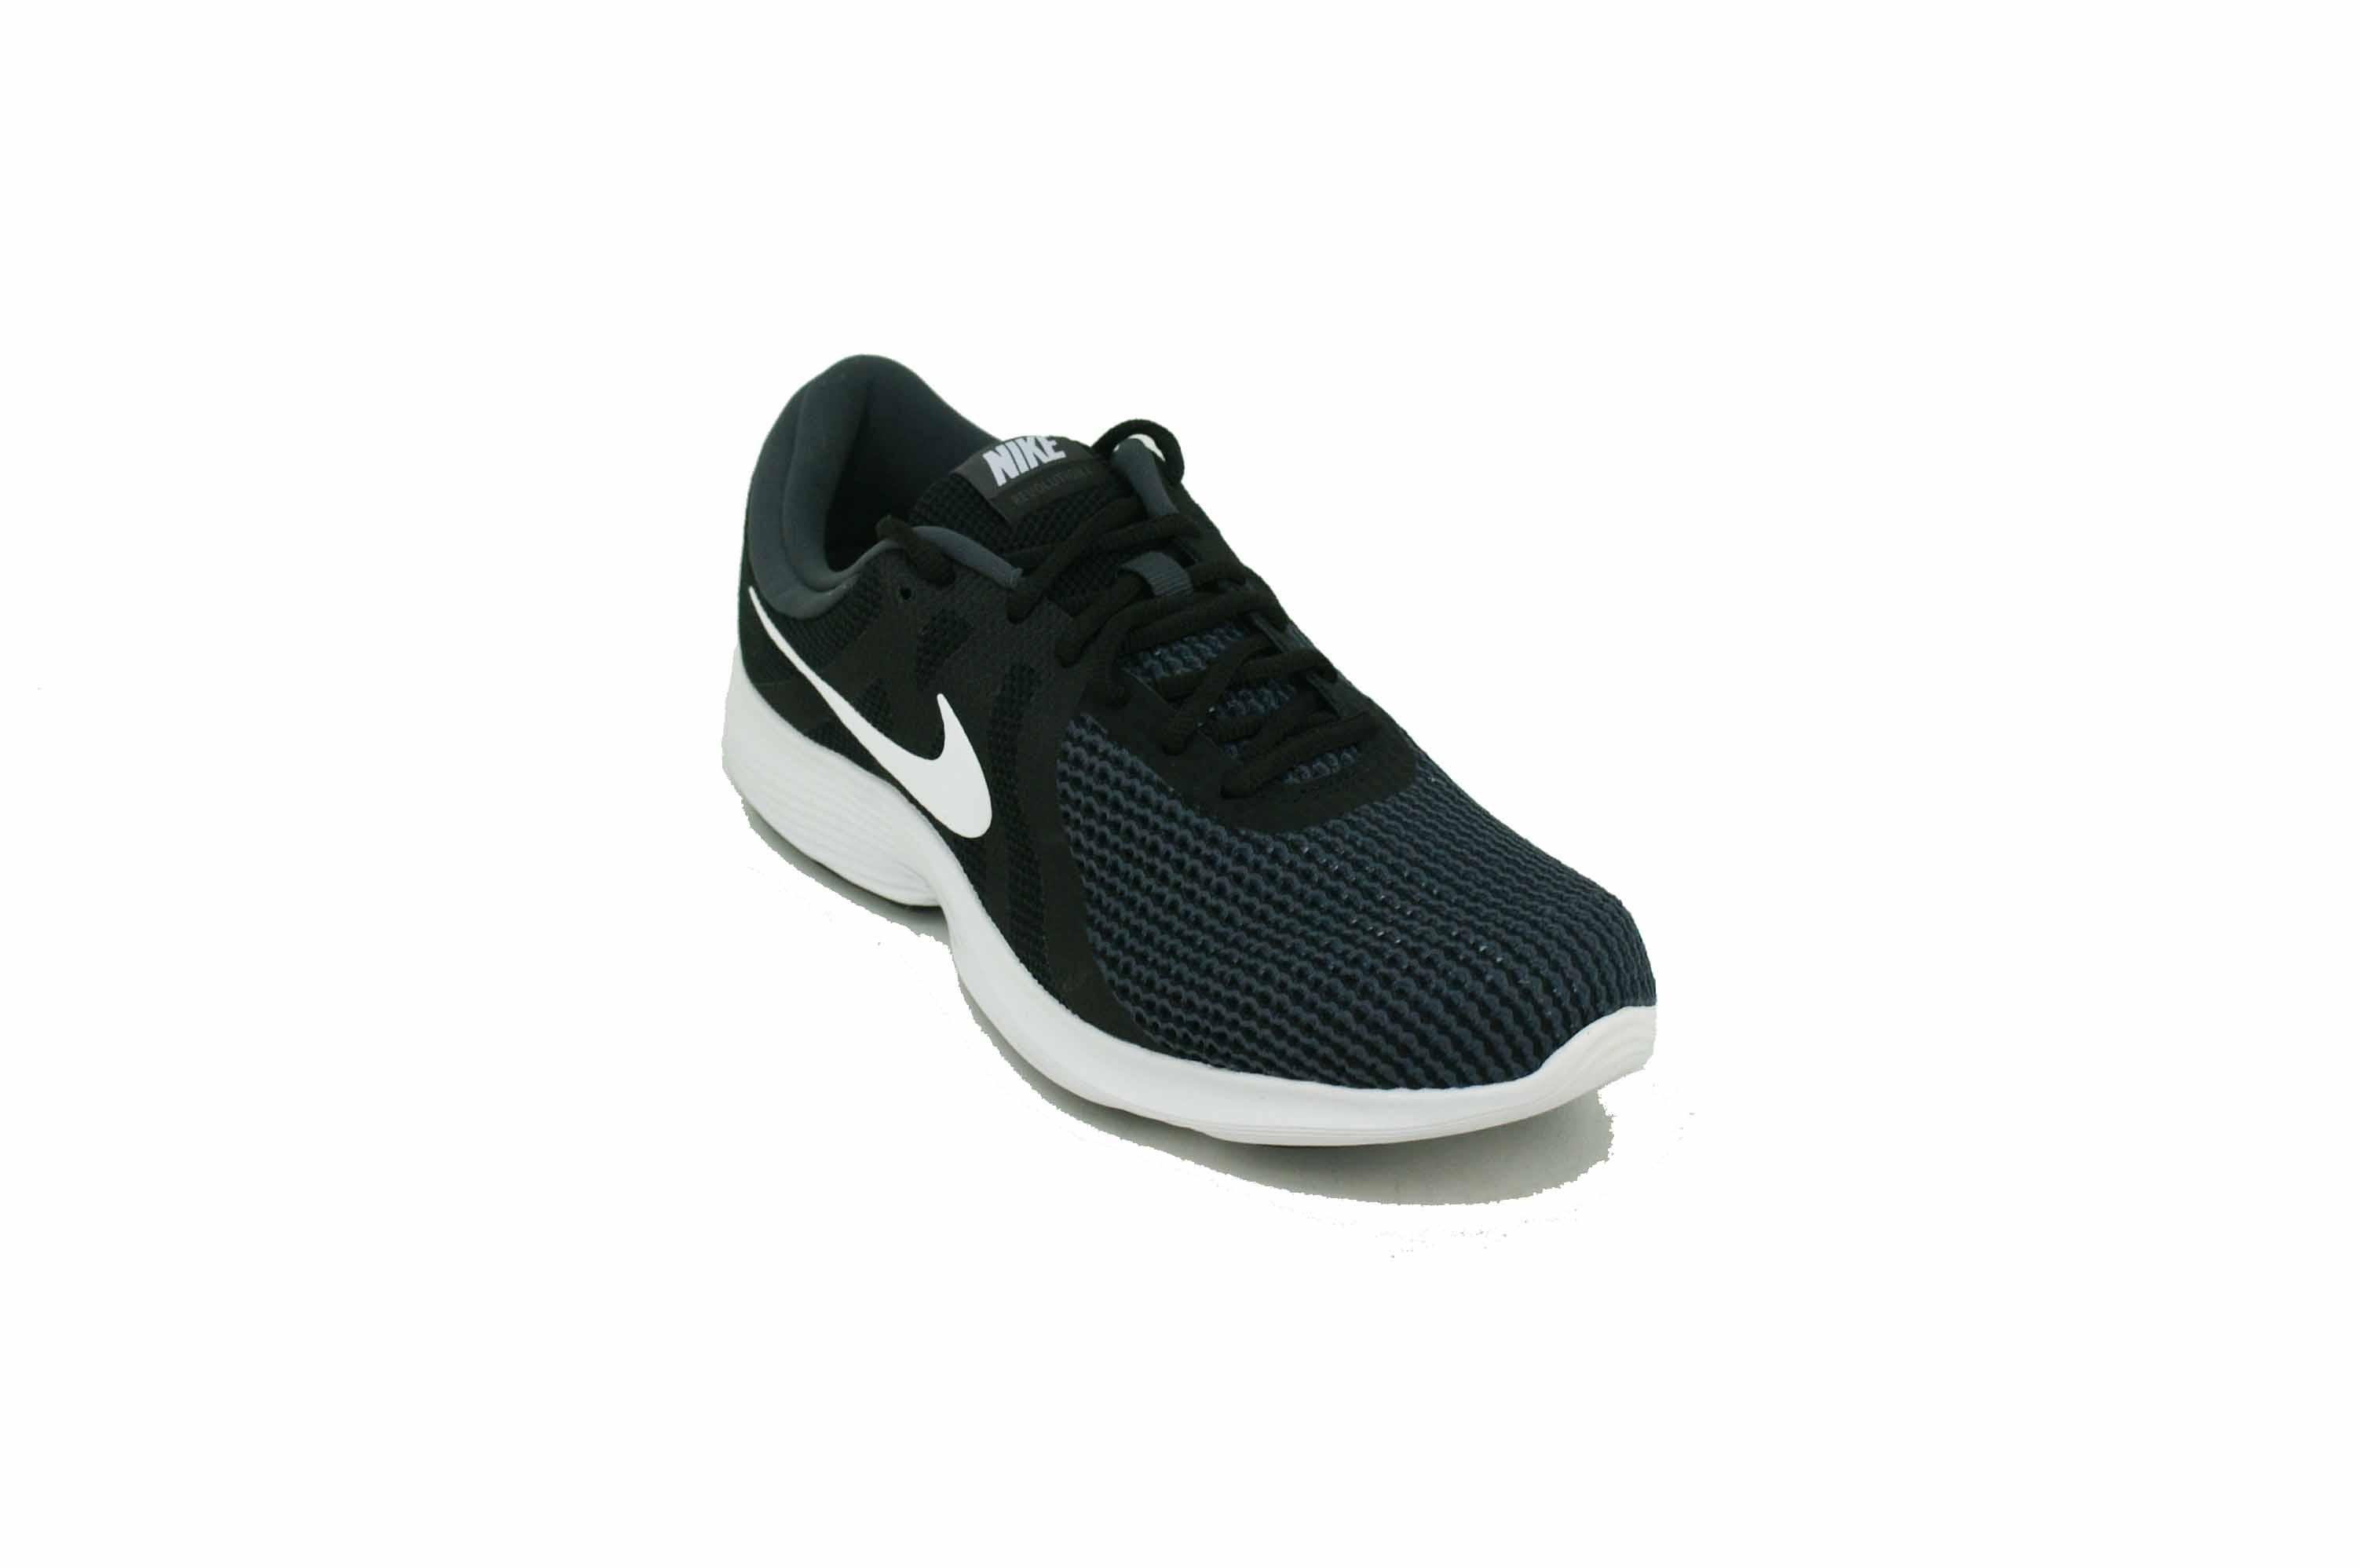 c93d84ee8666 Zapatilla Nike Revolution 4 GRis Negro Blanco Hombre Deporfan ...